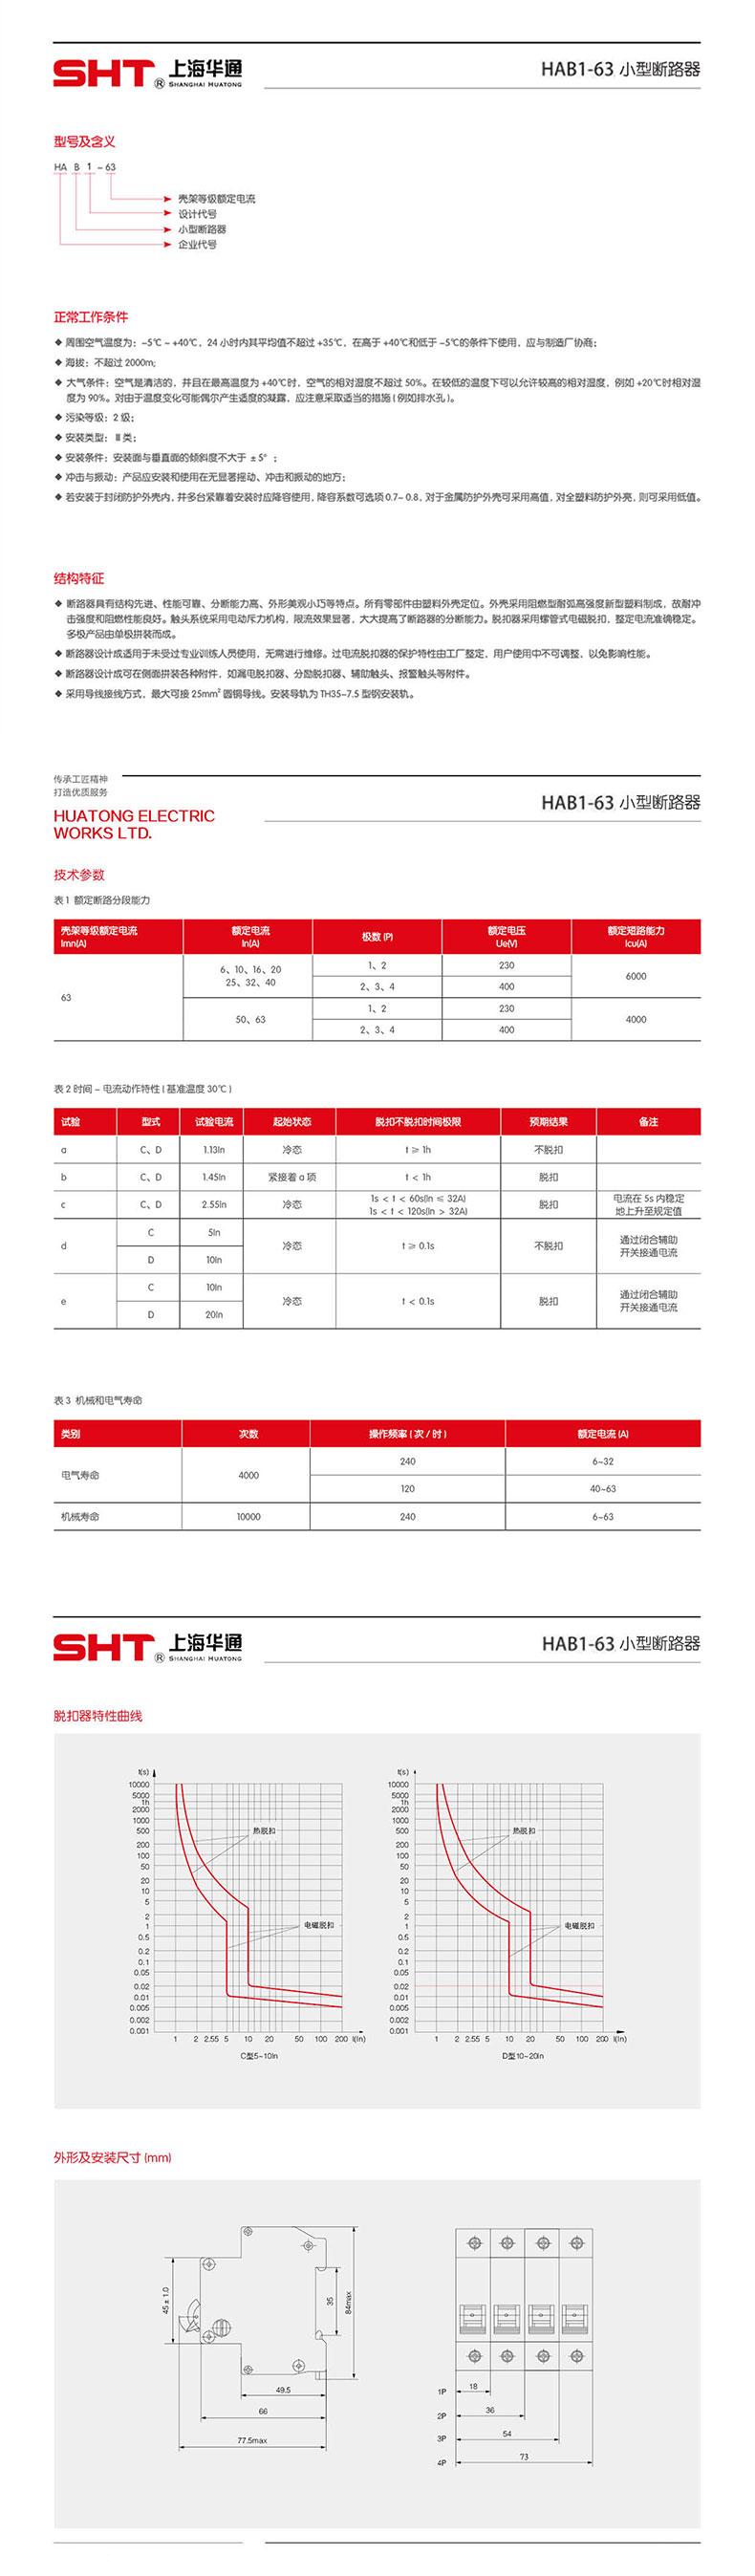 HAB1-63技术参数.jpg